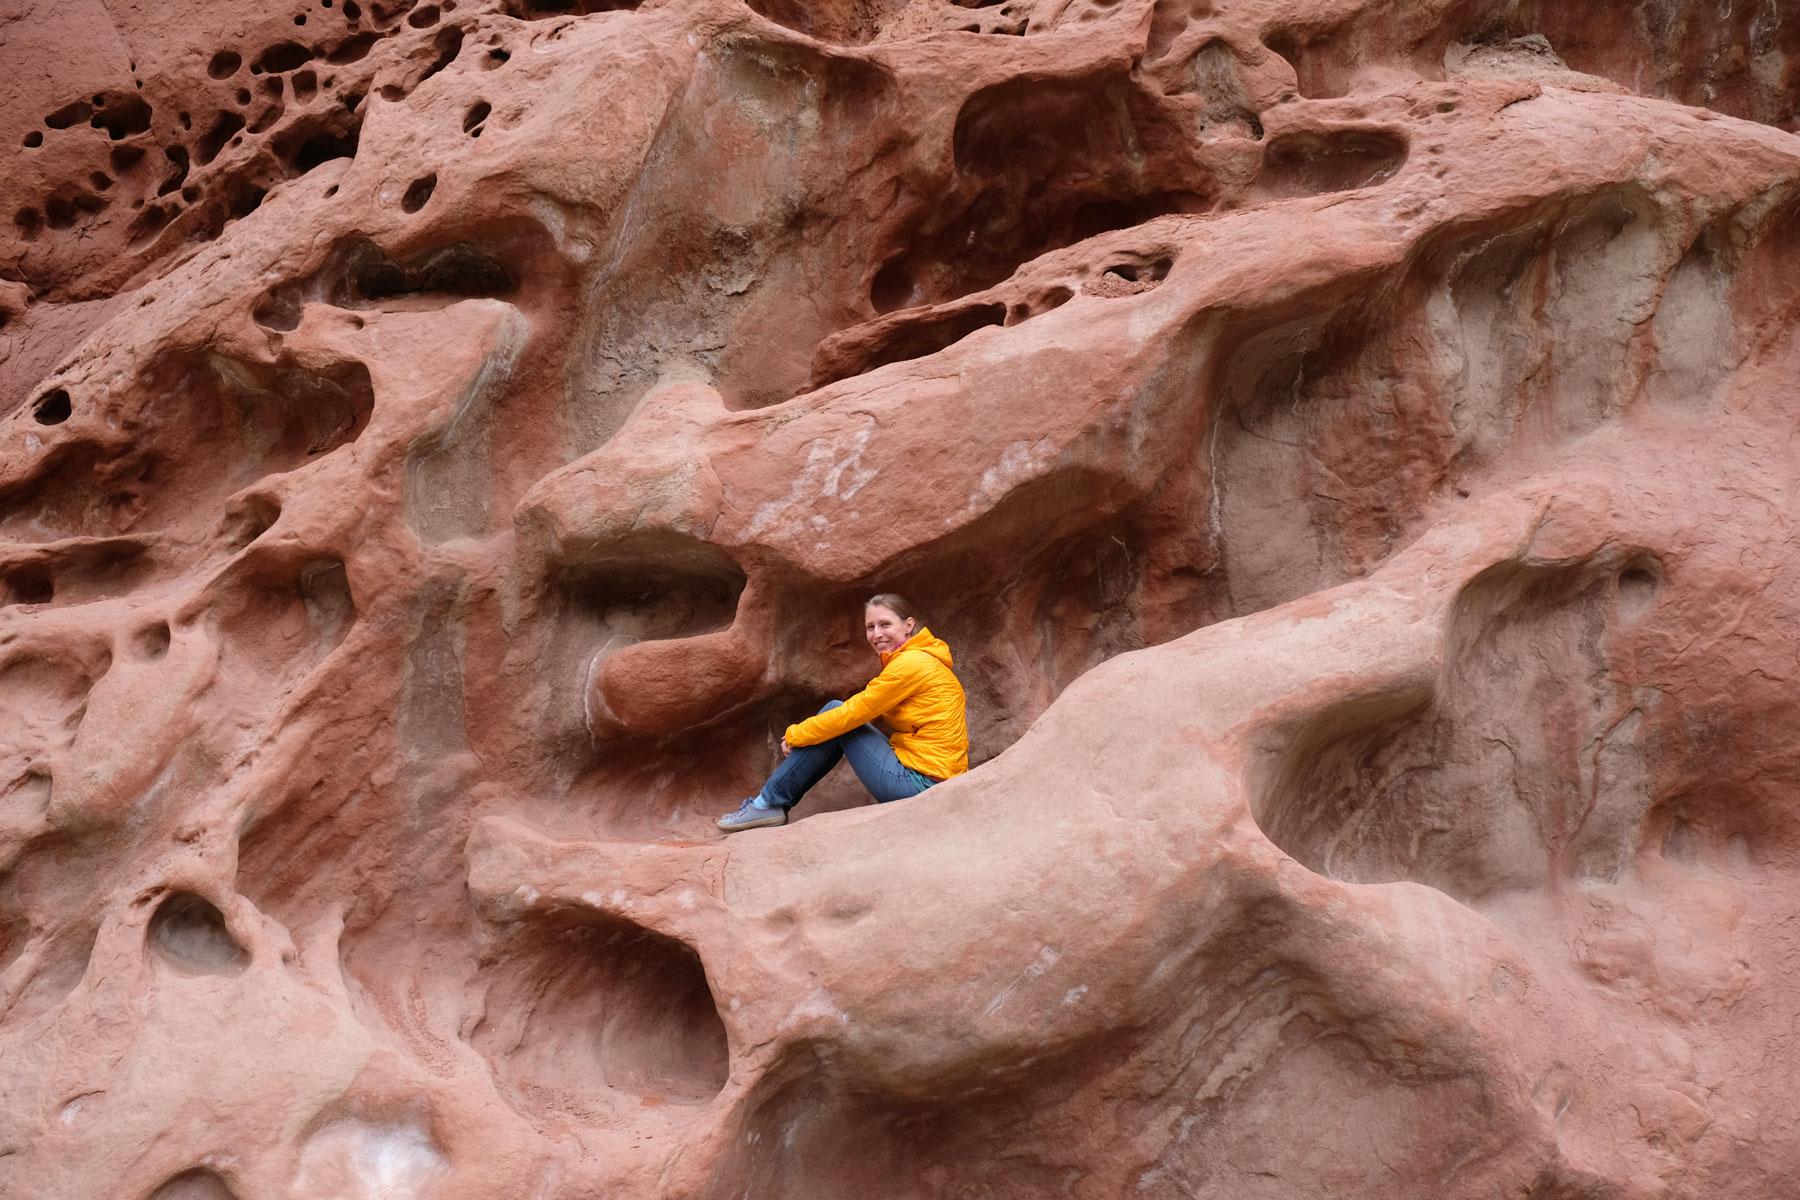 Die verrückten Steinformationen laden zum Klettern ein